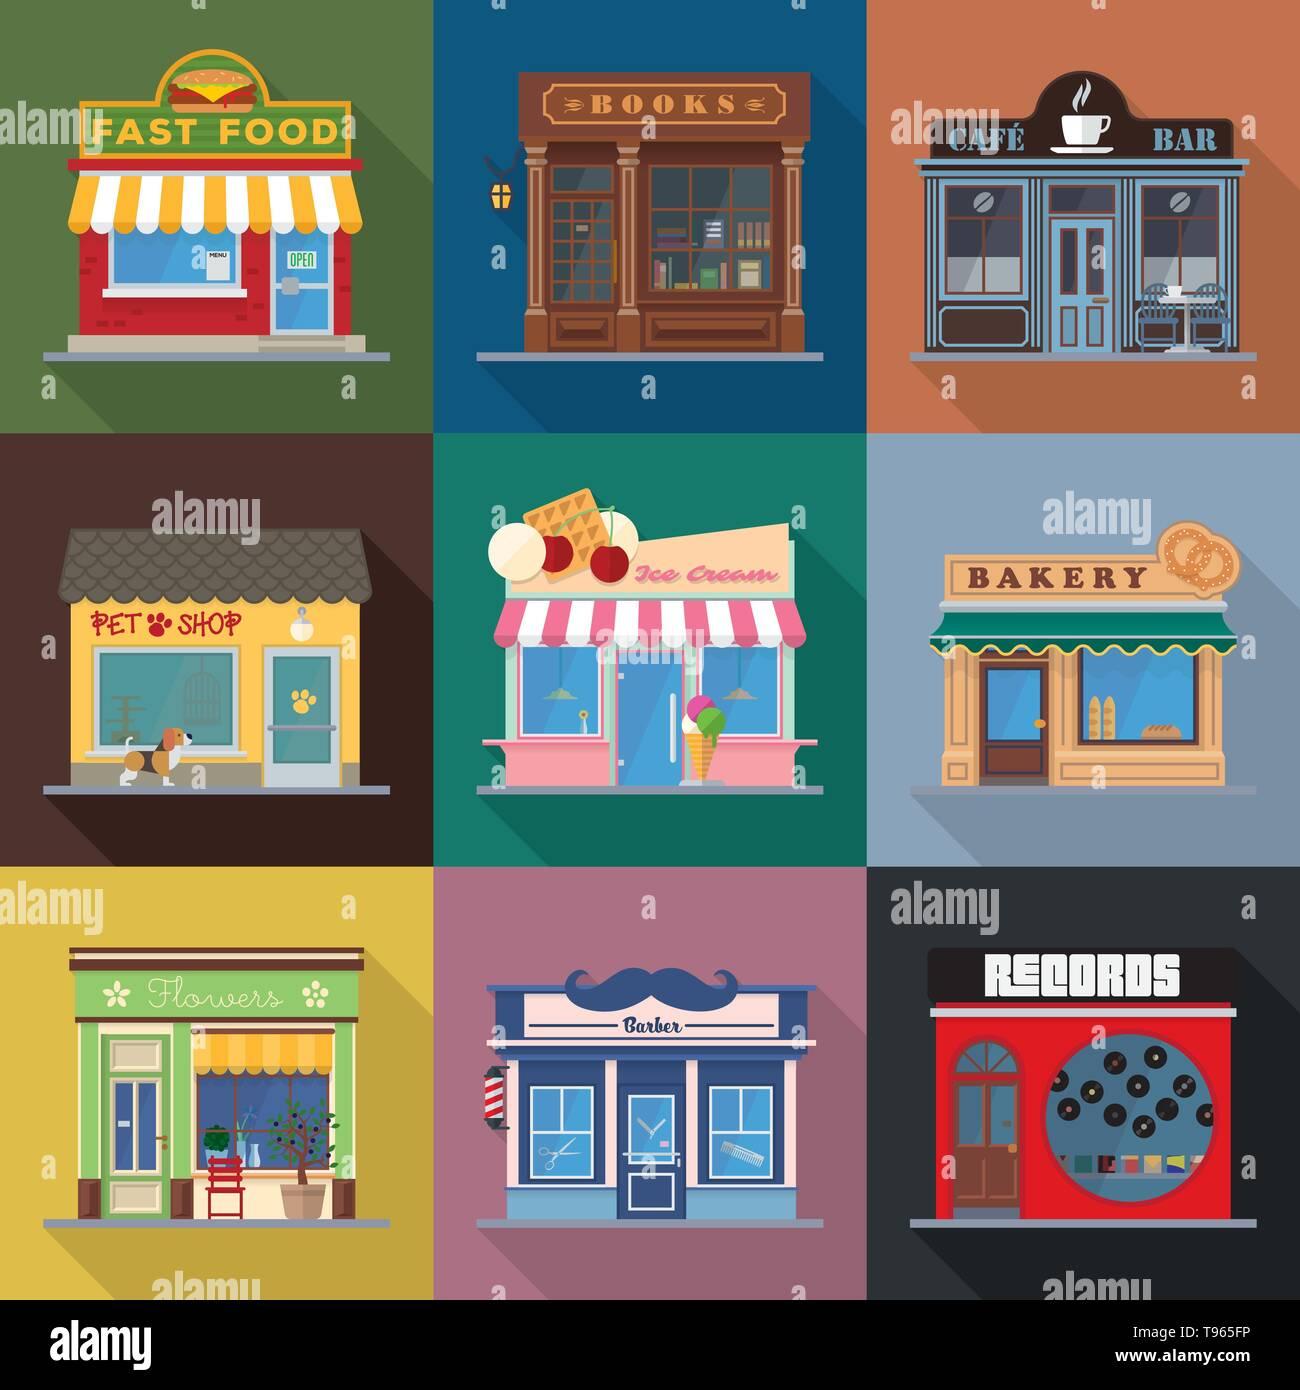 9abc22352 Tiendas y lugares de celebración escaparates diseño plana larga sombra  ilustración vectorial Imagen De Stock